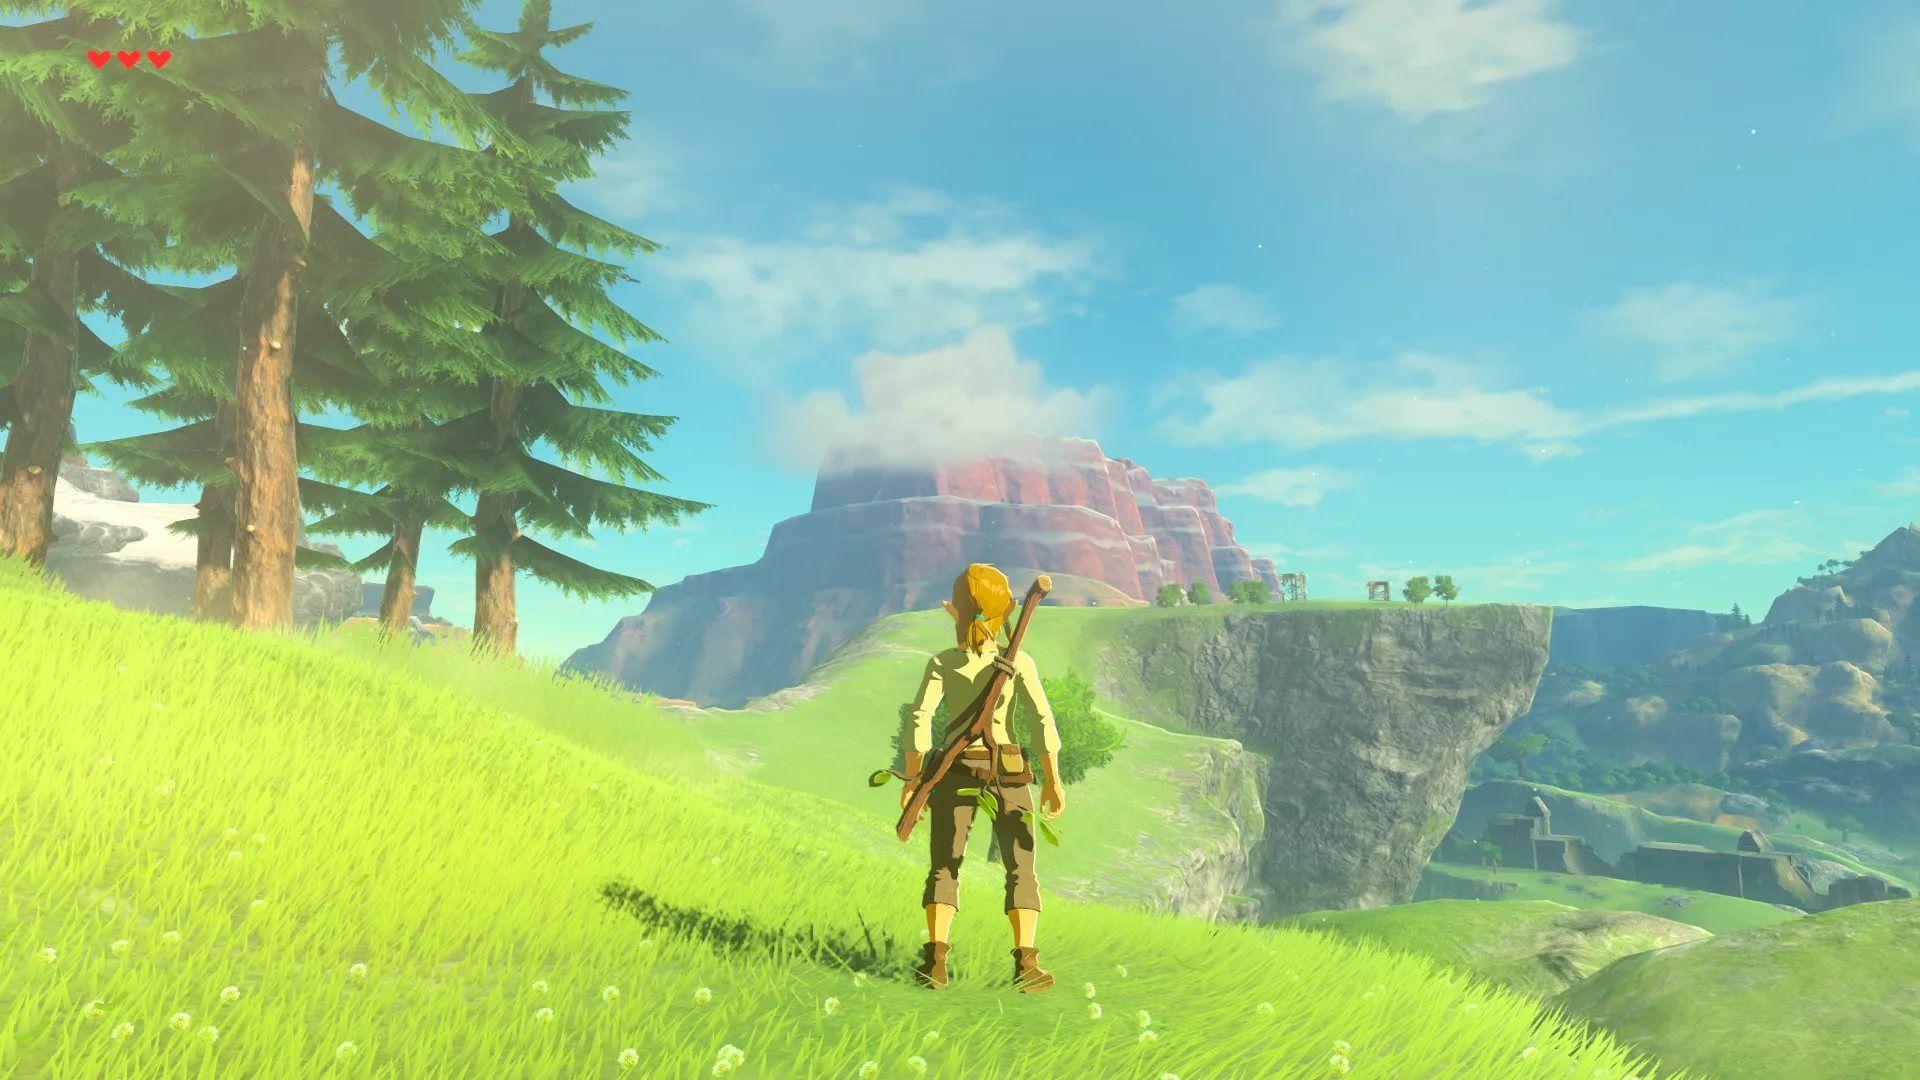 Zelda Live 1920x1080 wallpaper